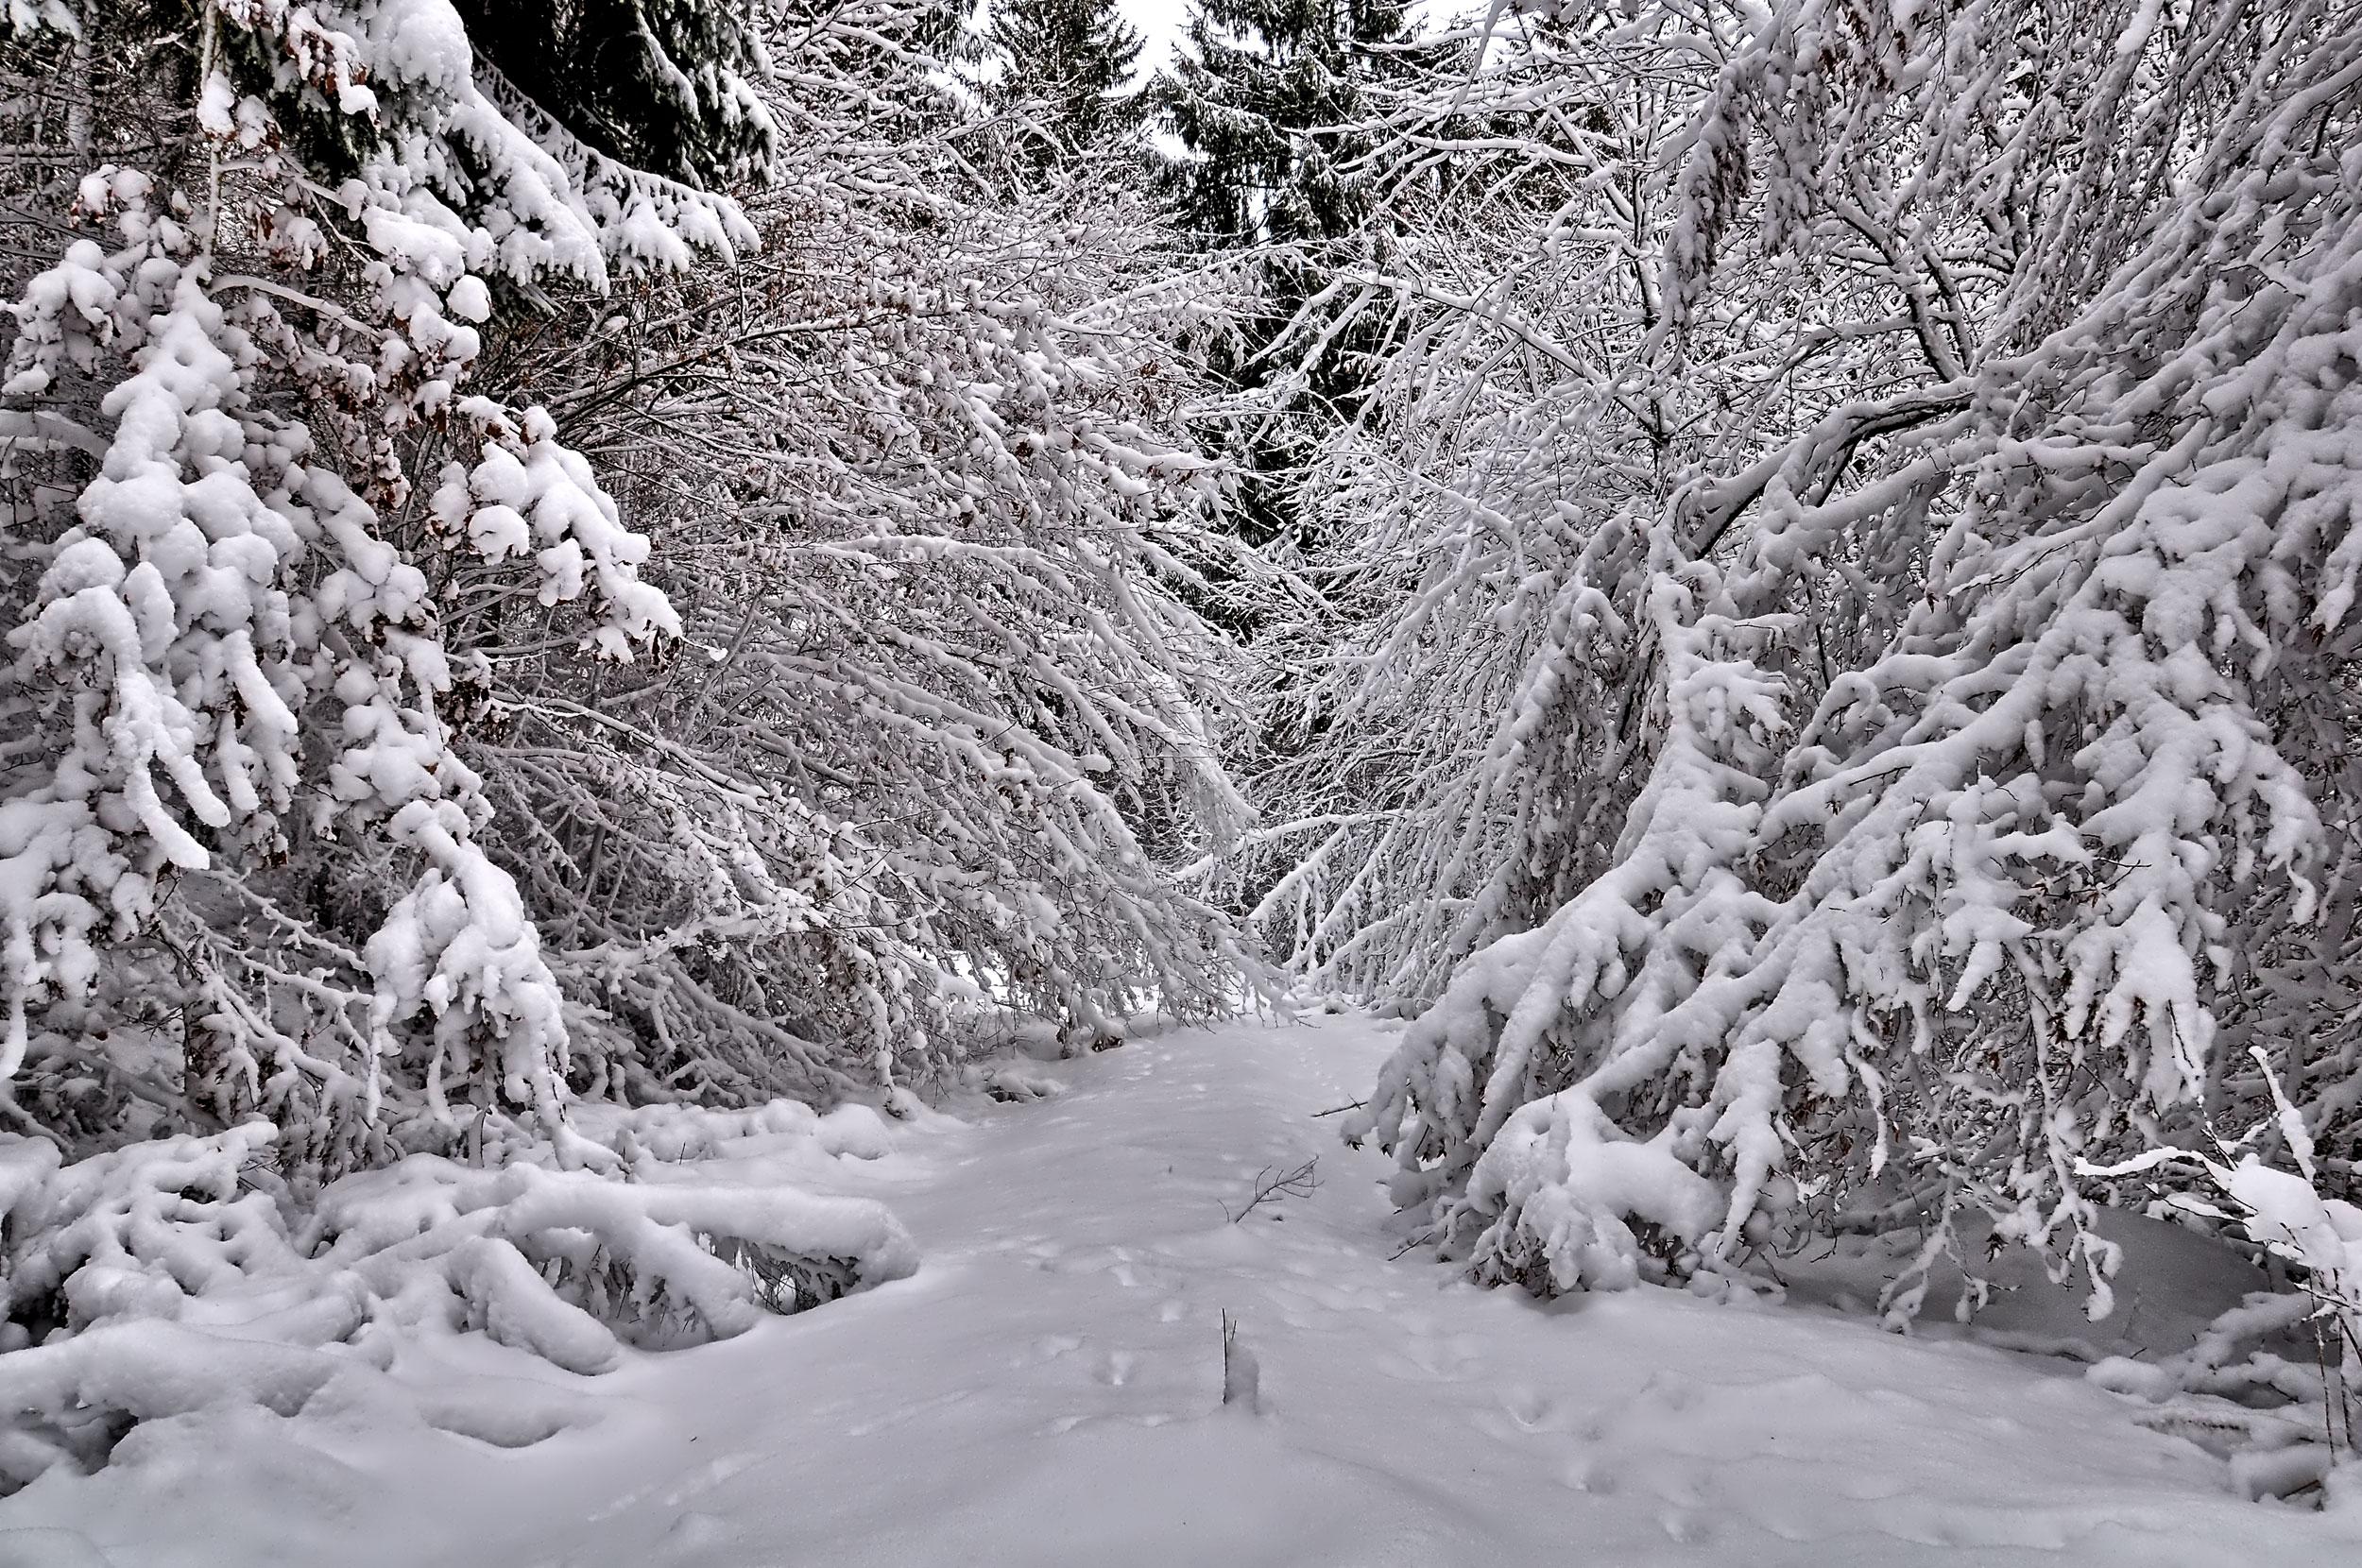 Winterwanderung durchs Sammetbachtal